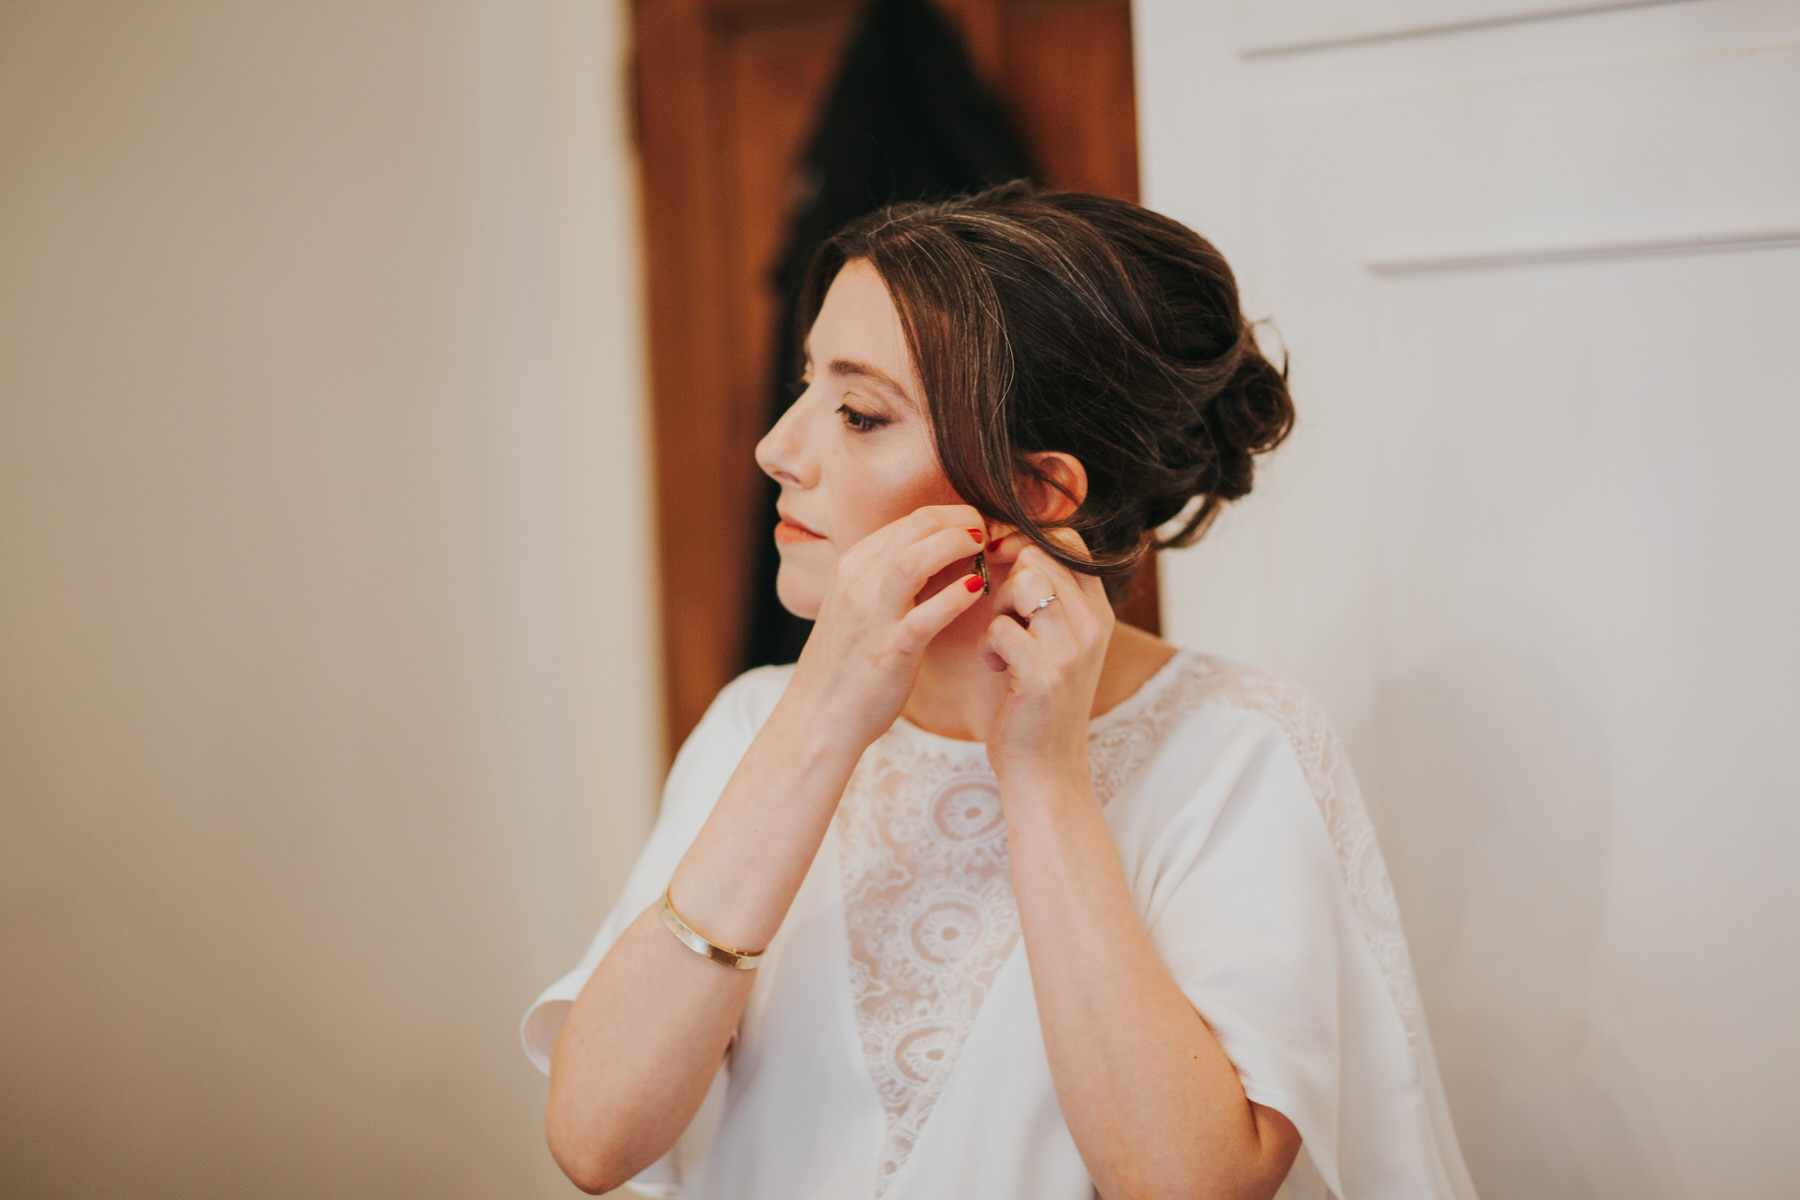 31-bride clipping earing getting ready Minna wedding dress.jpg